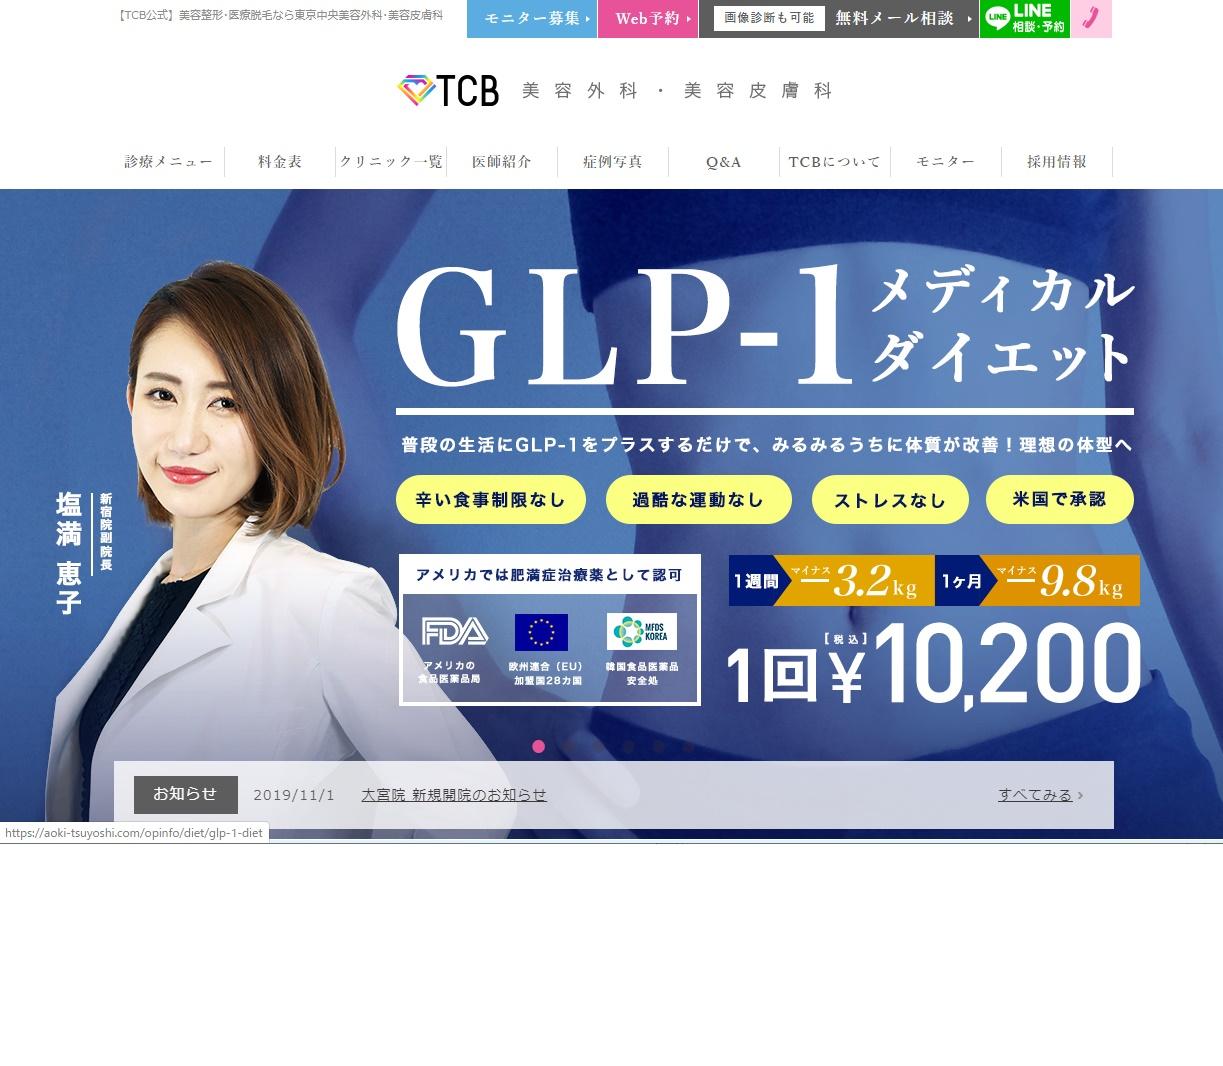 東京中央美容外科のGLP-1ダイエット